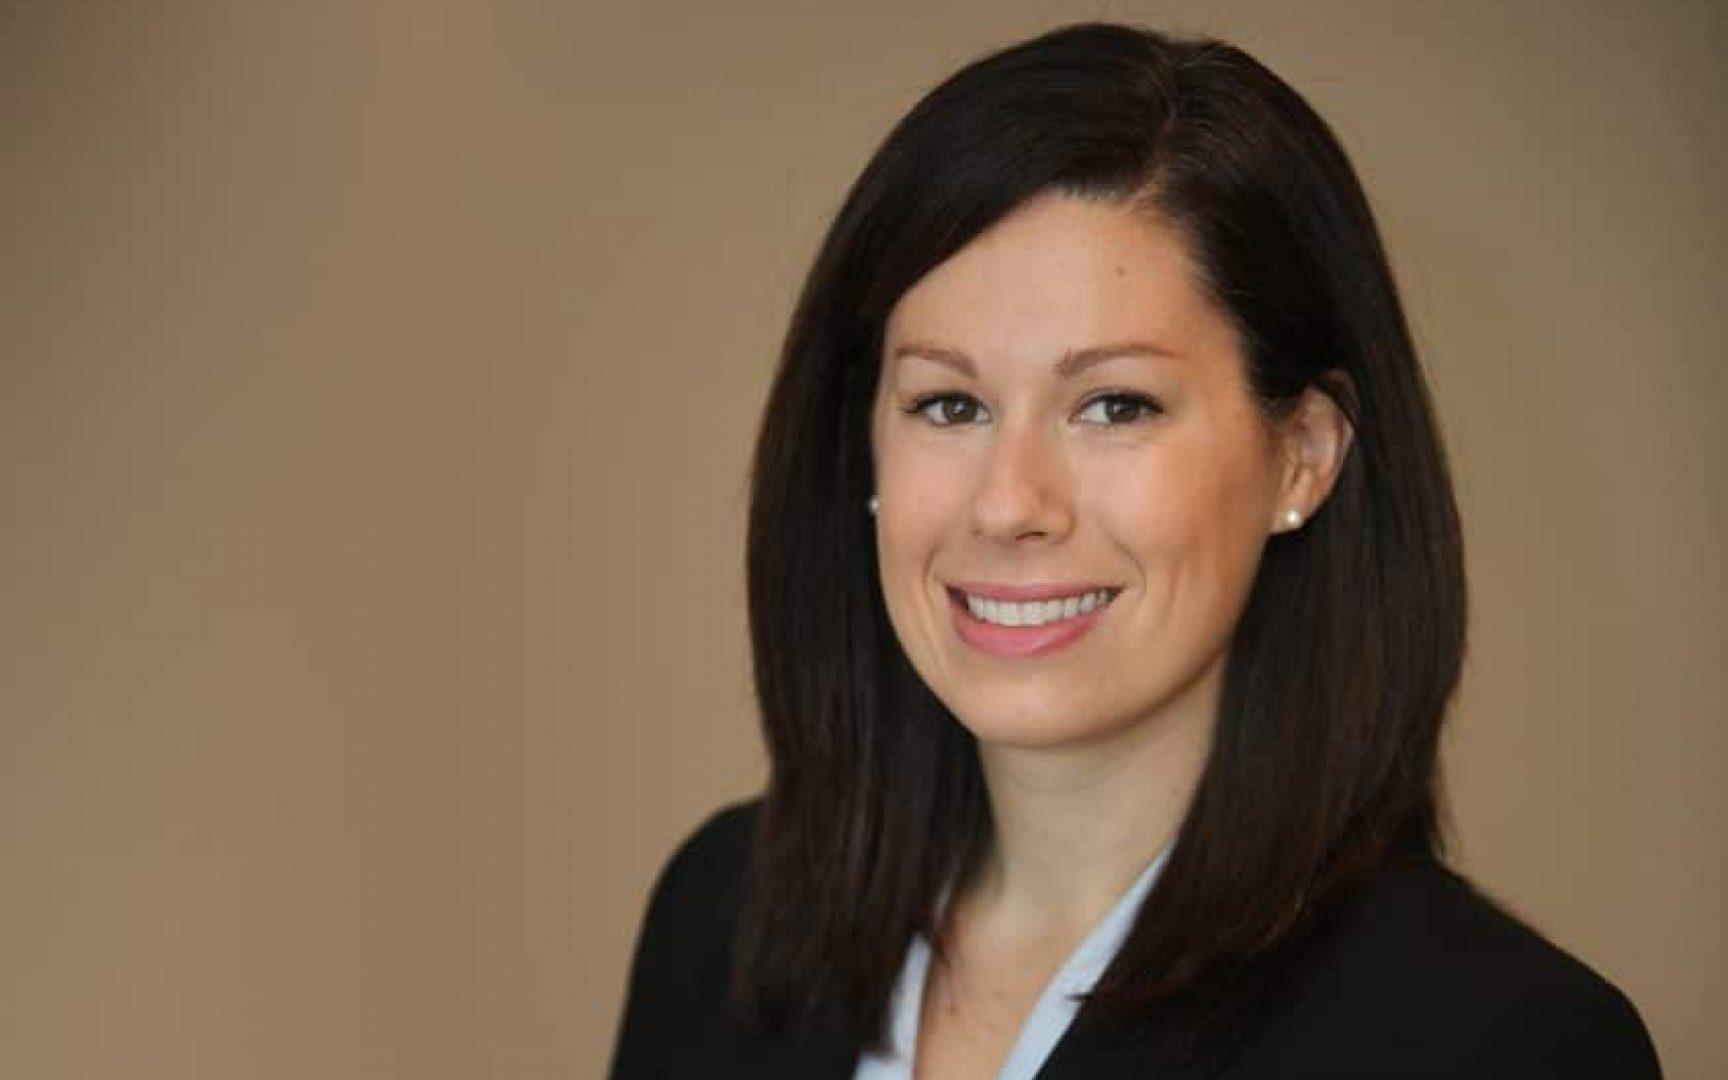 Kate O'Hara, MBA student